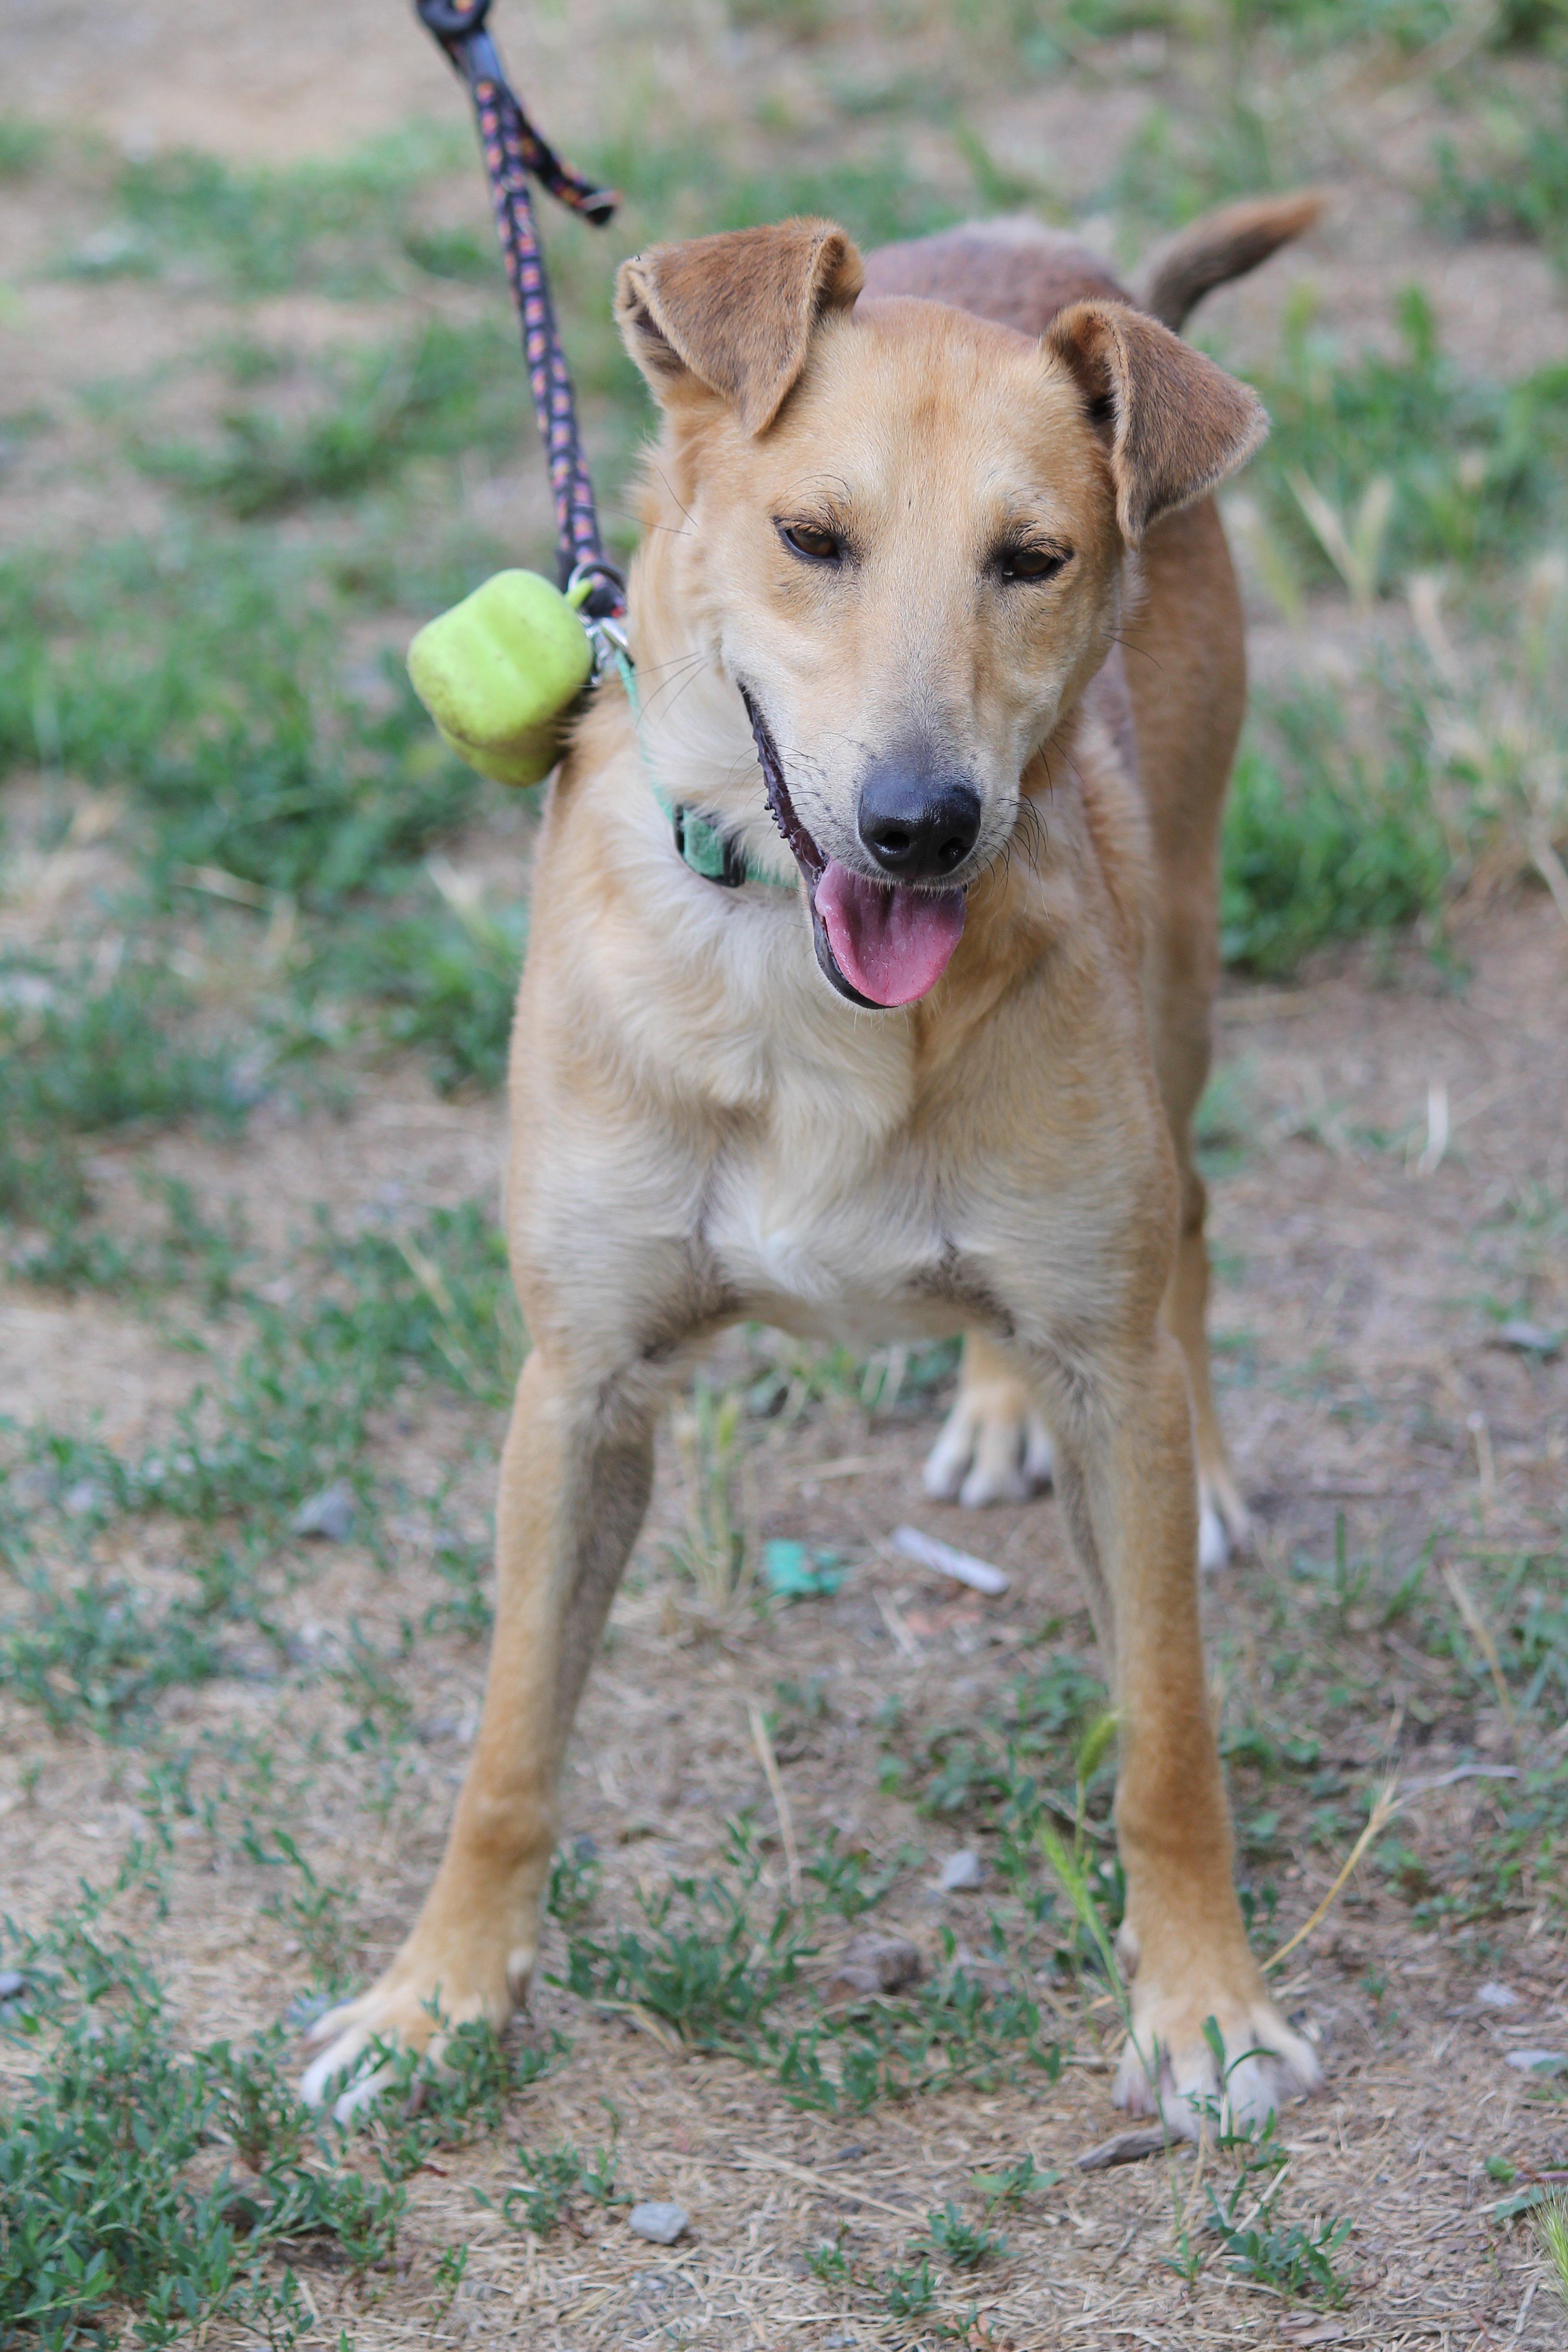 Leo è in cerca di adozione: aiutiamo questo cucciolo!